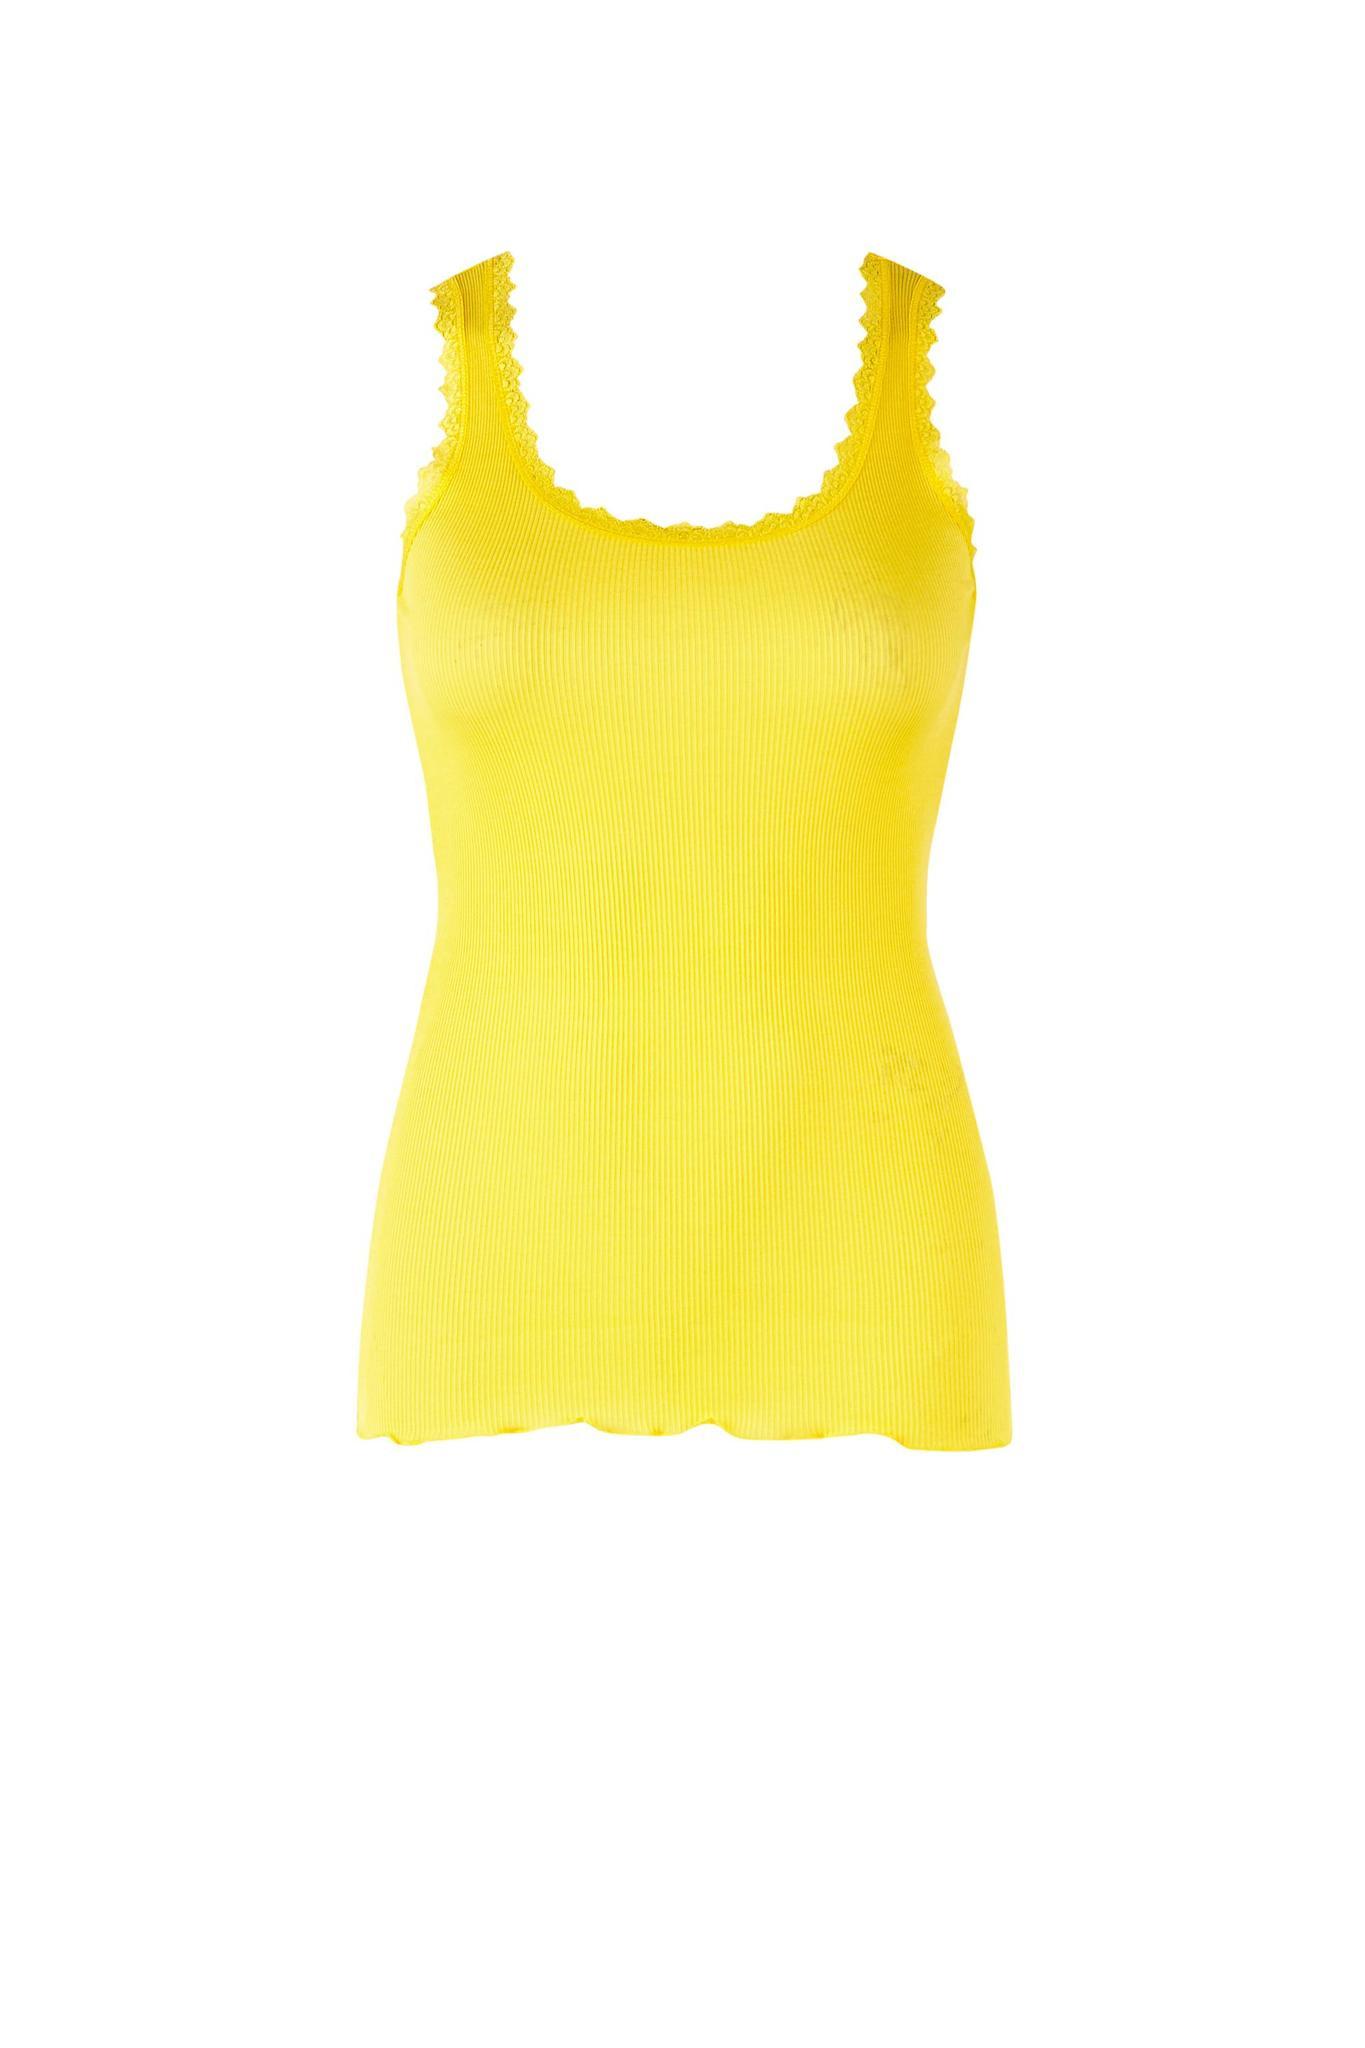 1b9e9b34d4f Saint Tropez gul top - T-shirt/toppe - Tøj